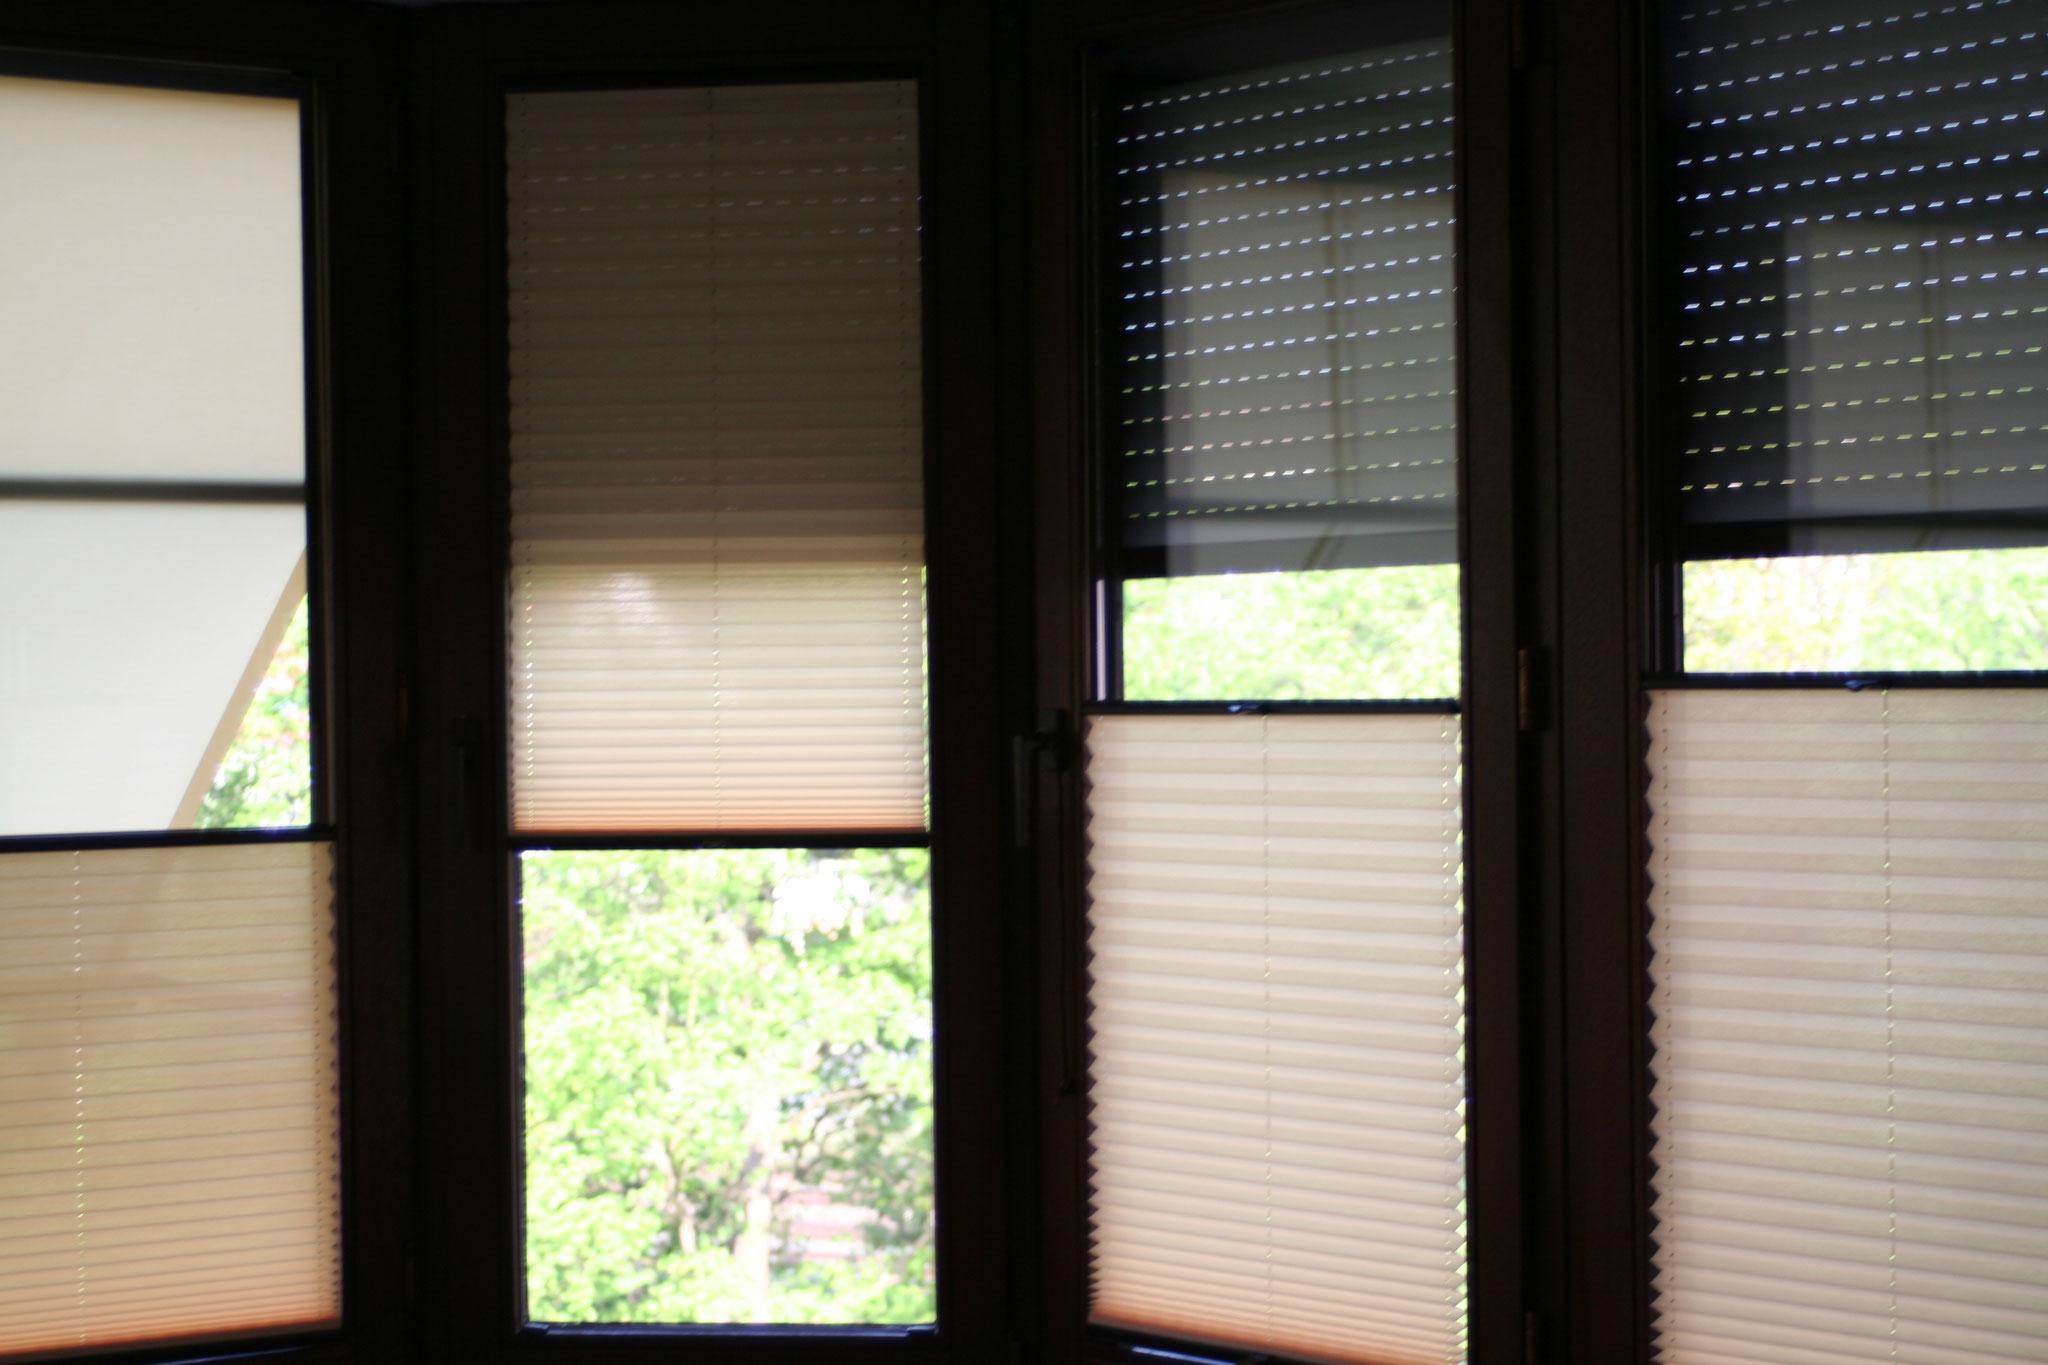 Plissees Nürnberg Von Sonnenschutz Heinikel/cosiflor/duette Within La Vida Window Curtains (View 12 of 20)